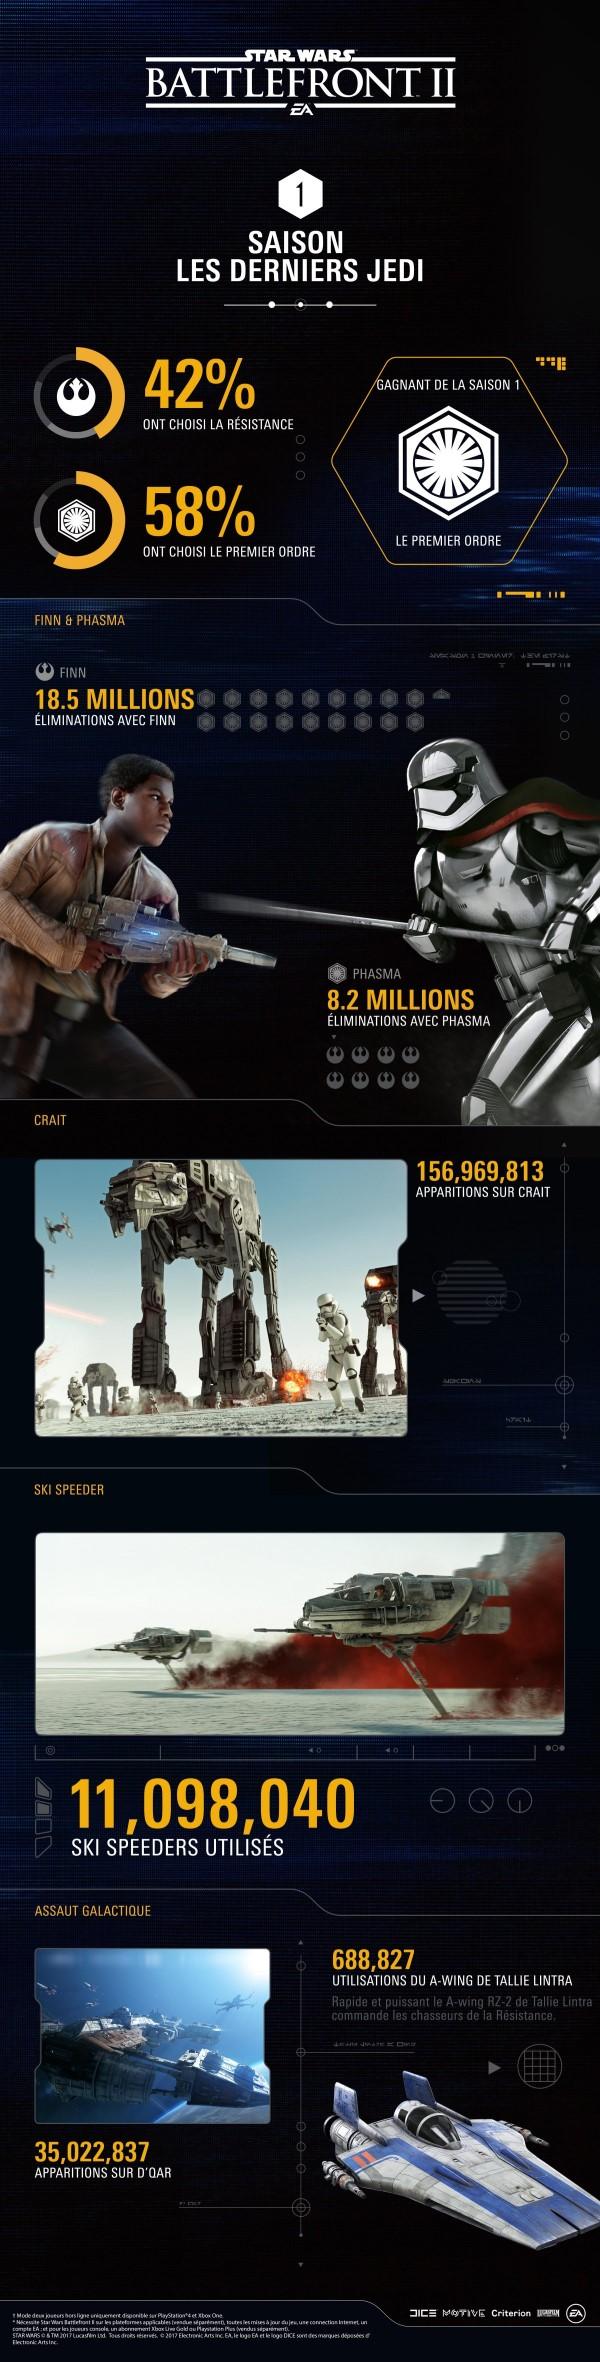 Star Wars Battlefront 2 - Statistique des premiers mois